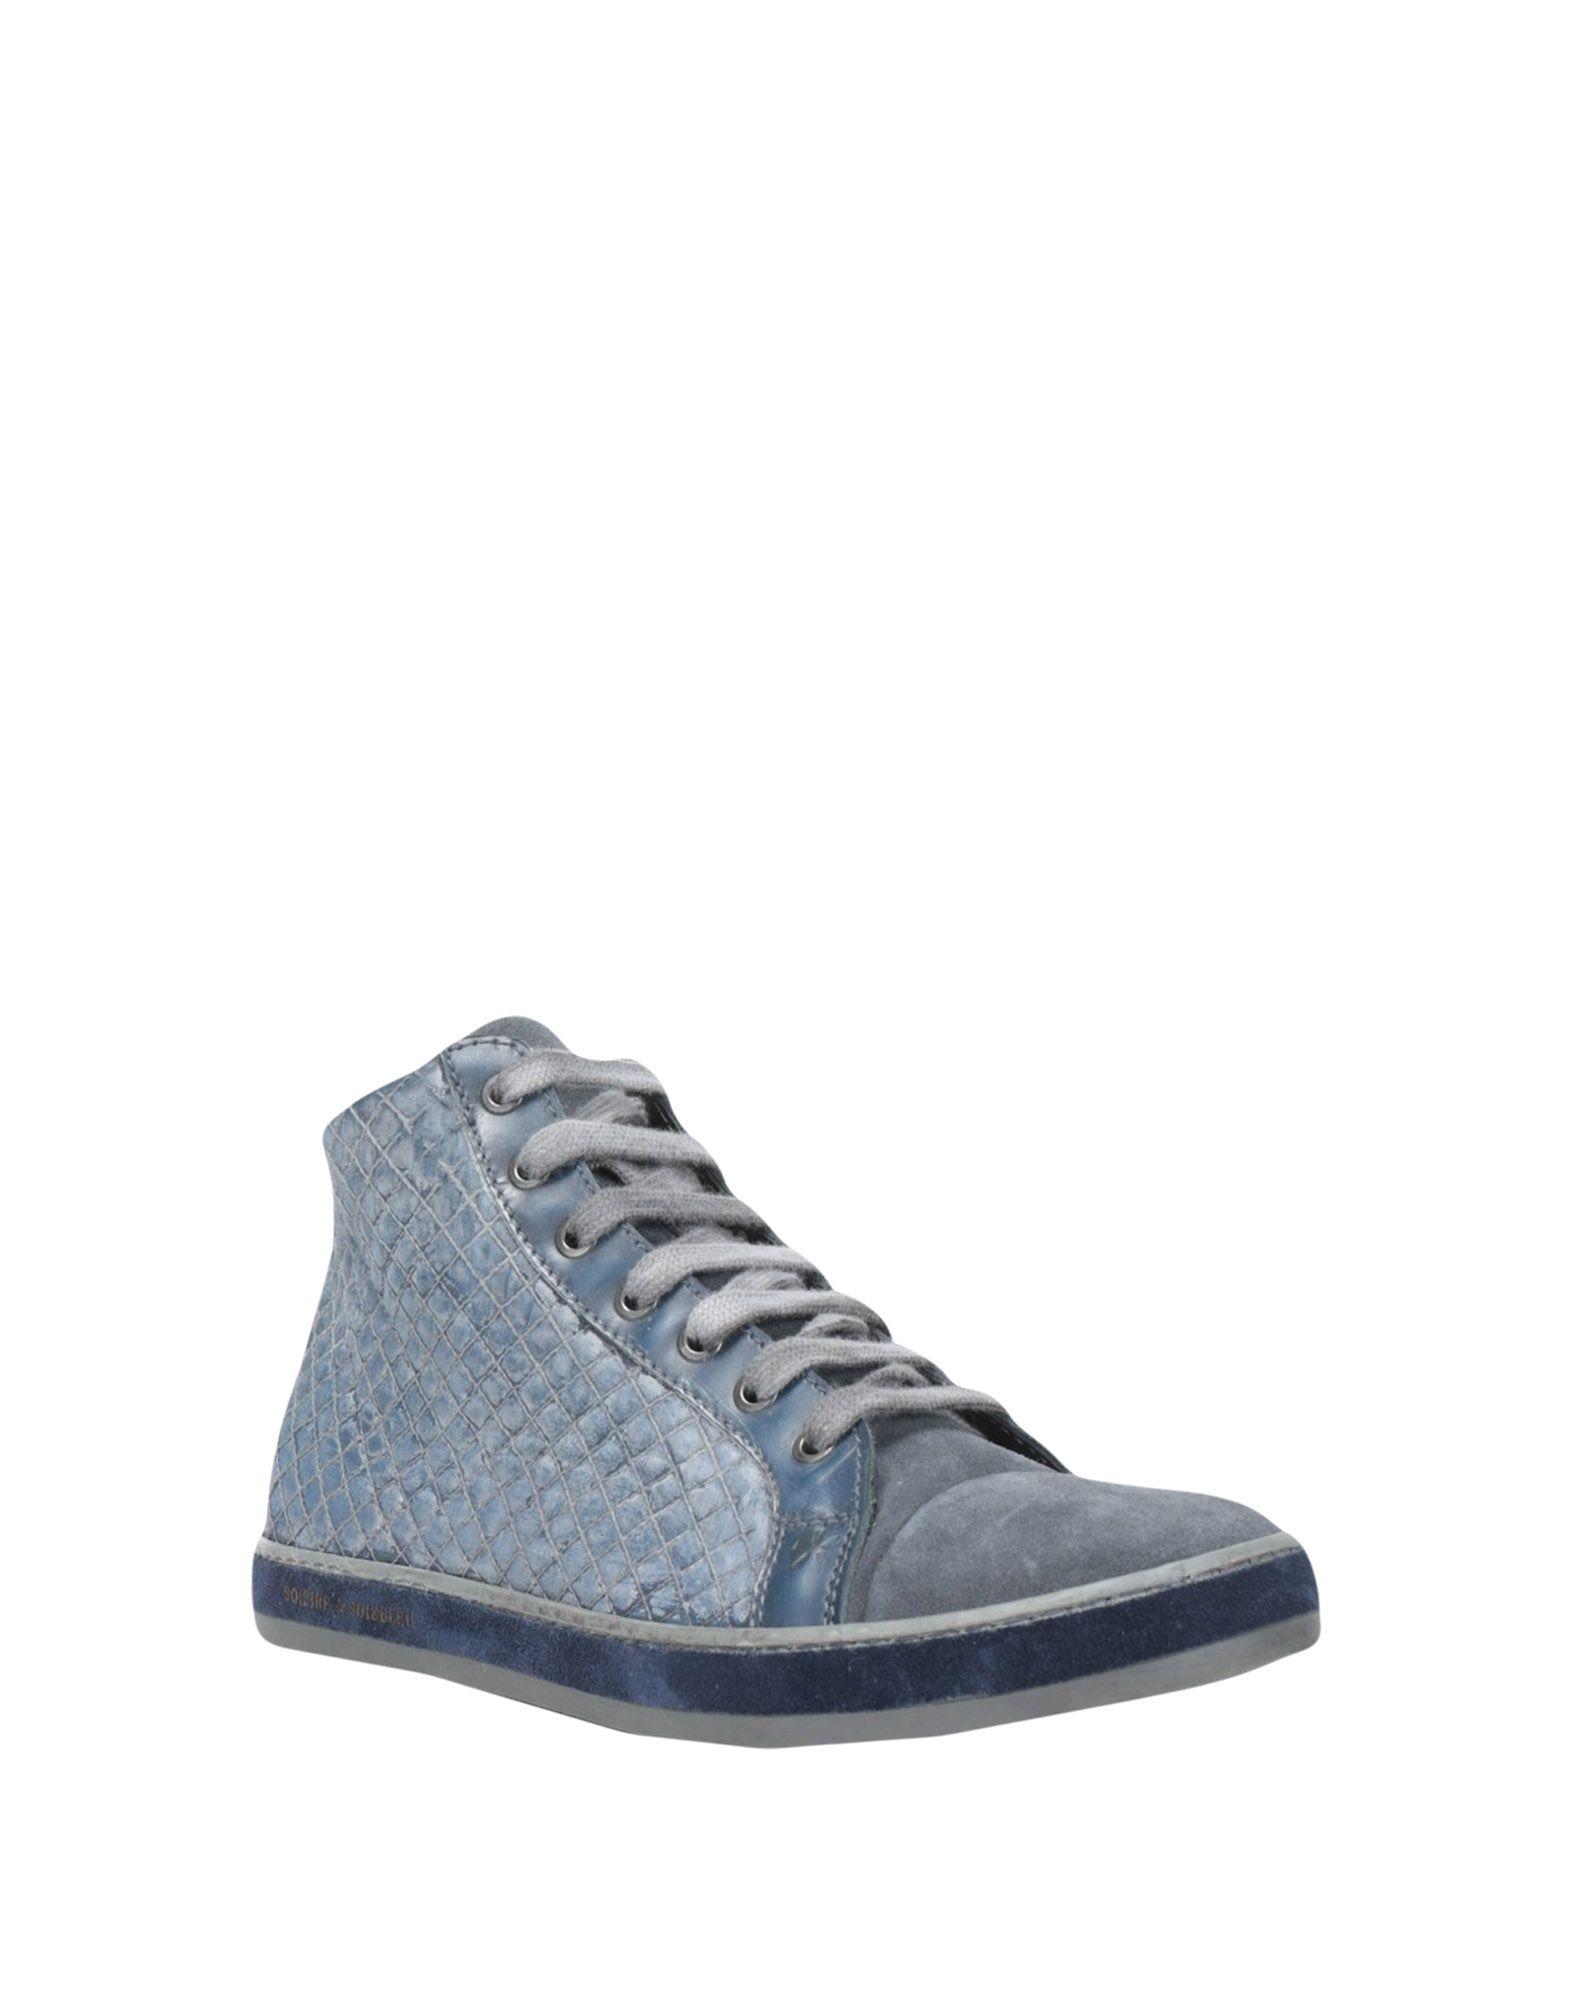 Stilvolle billige Schuhe Damen Soisire Soiebleu Sneakers Damen Schuhe  11478873QO fbb175